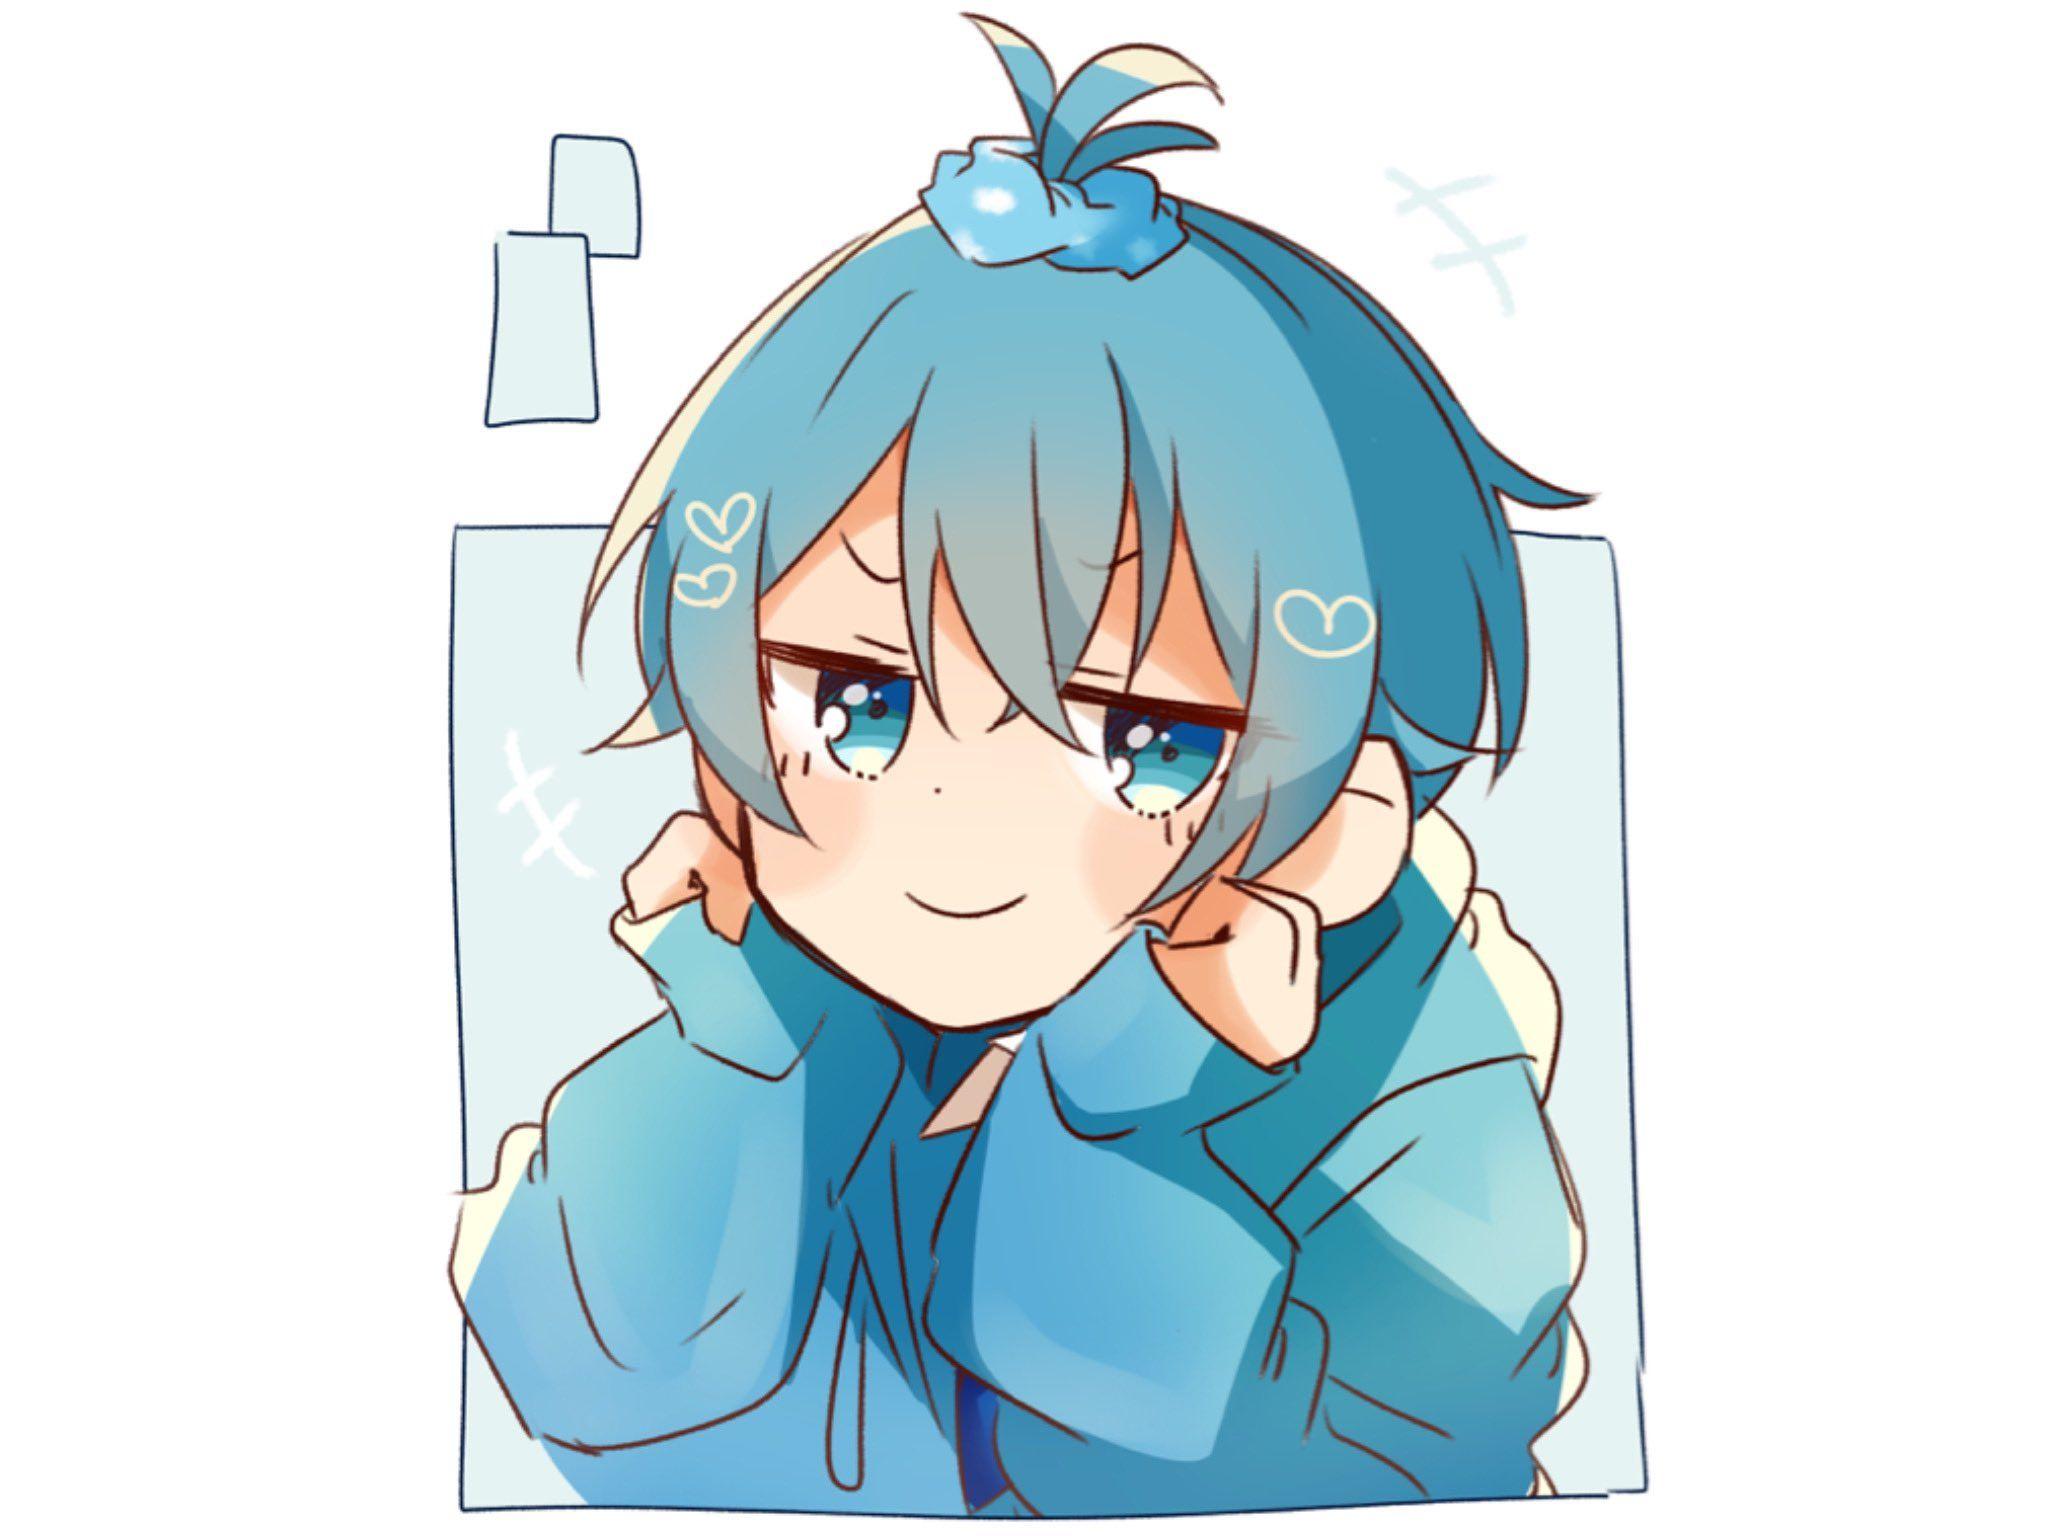 り を ん on Twitter in 2020 Cute anime boy, Blue anime